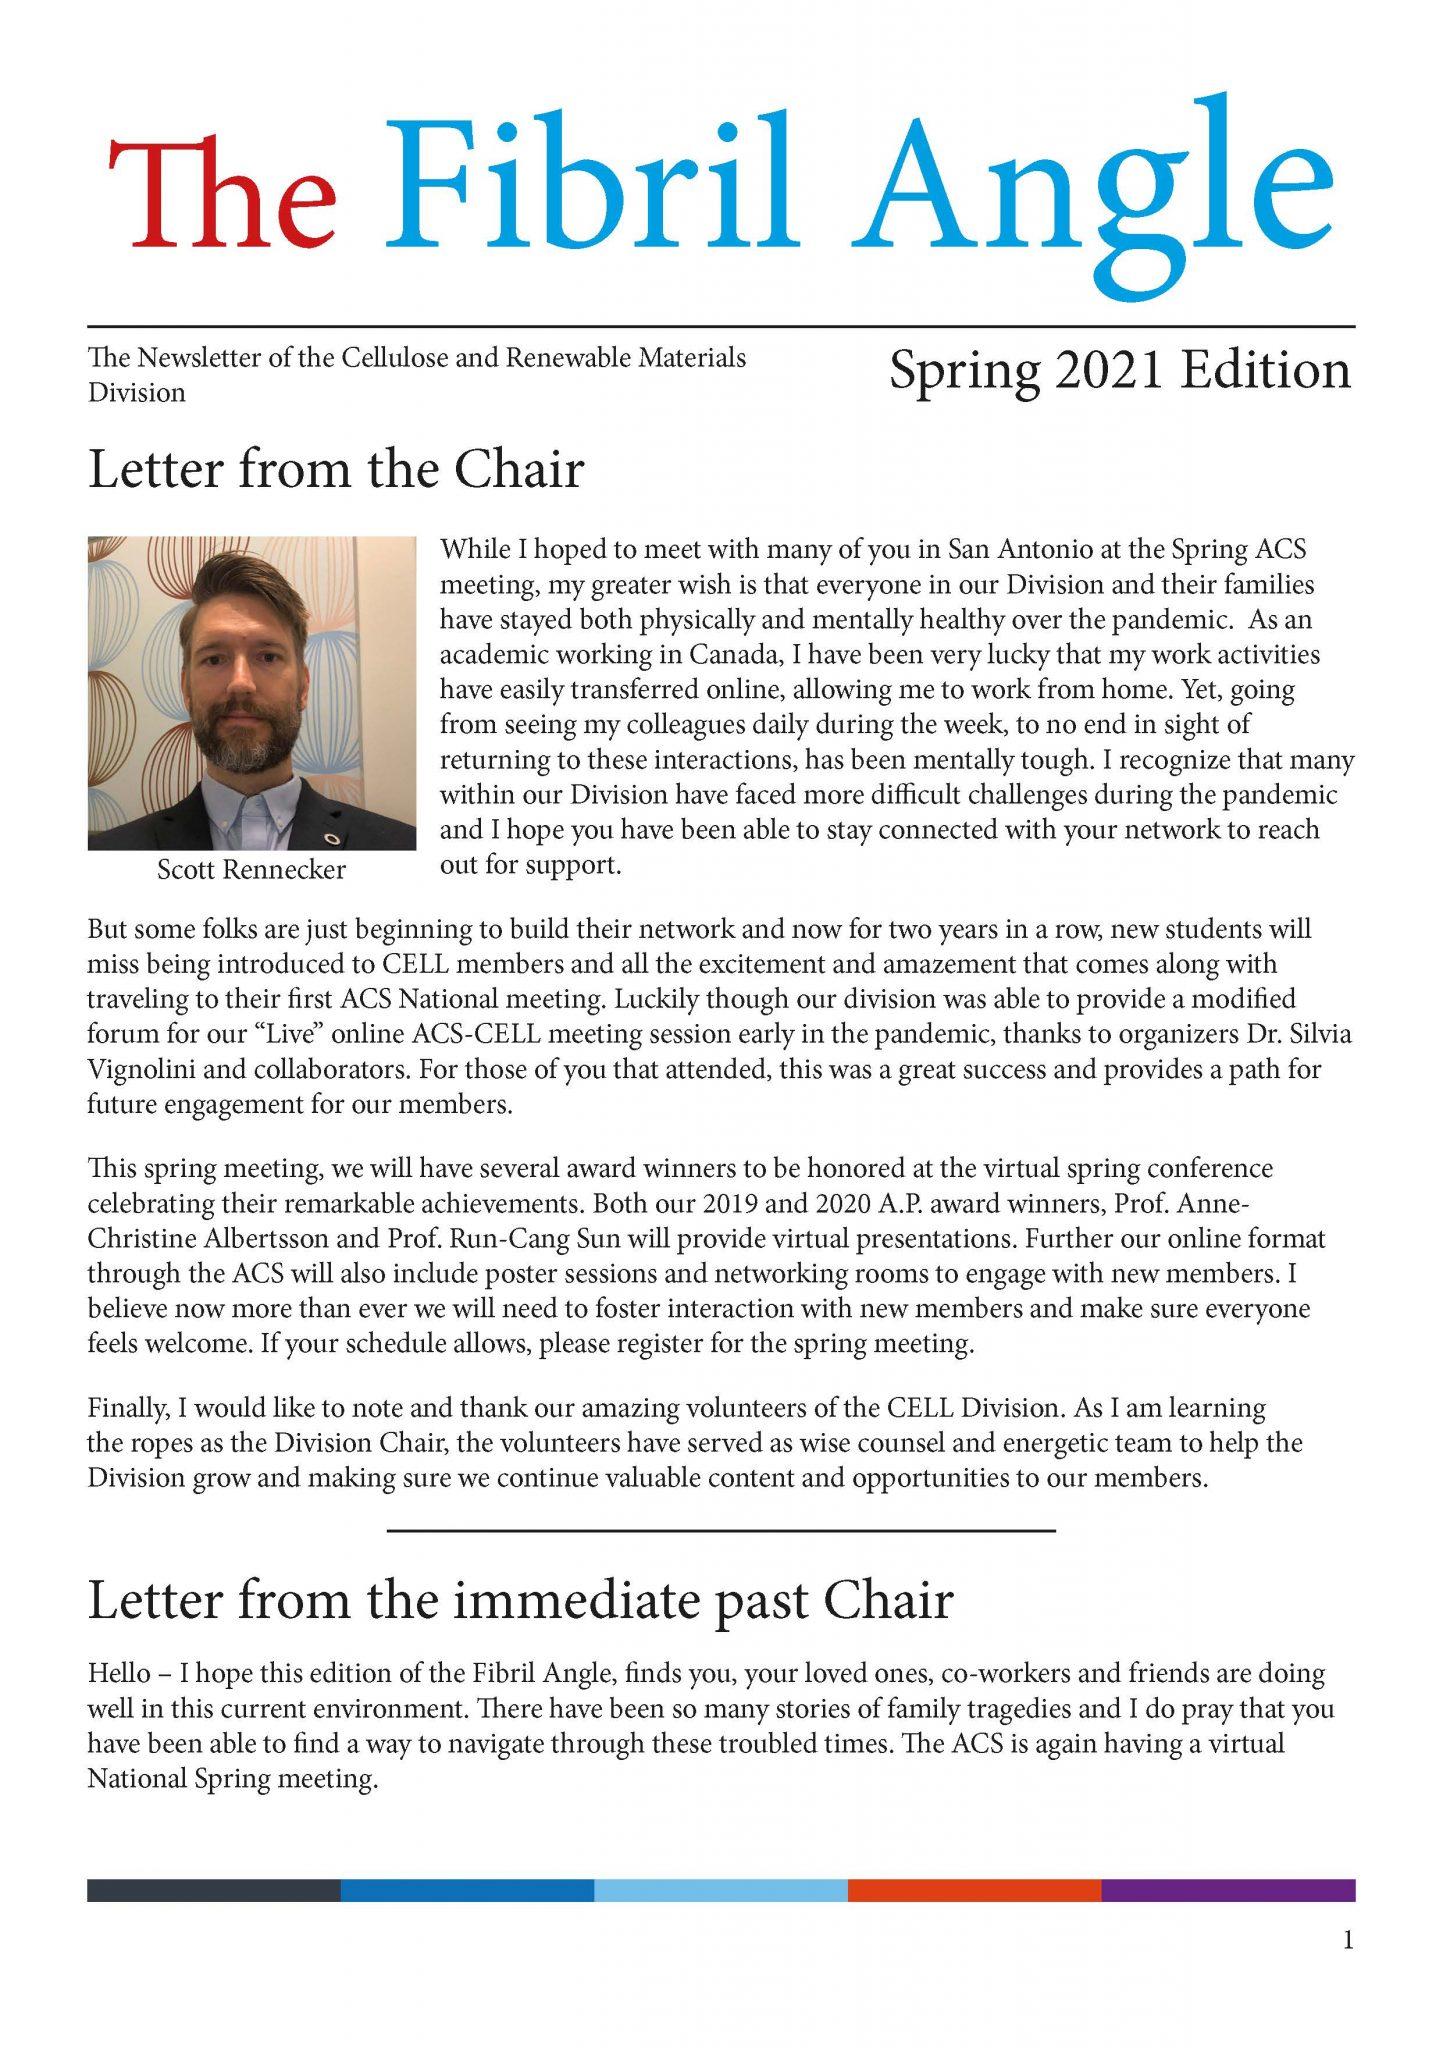 TFA_Spring_2021_main_page